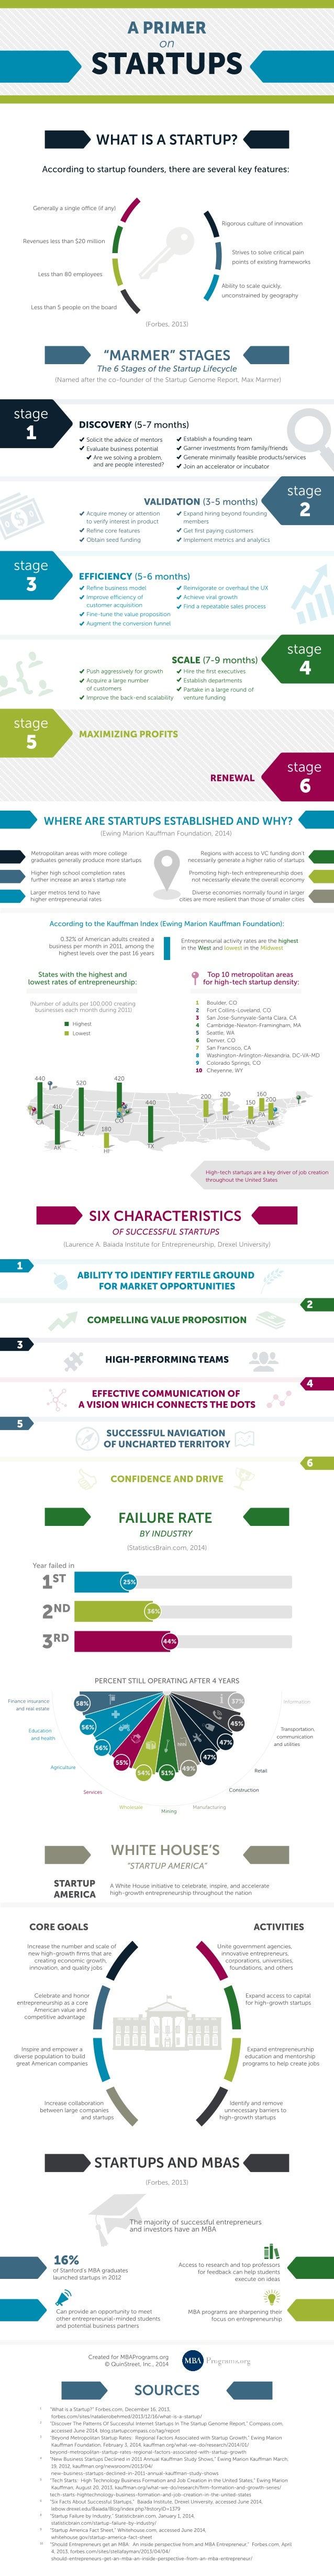 A Primer on Startups